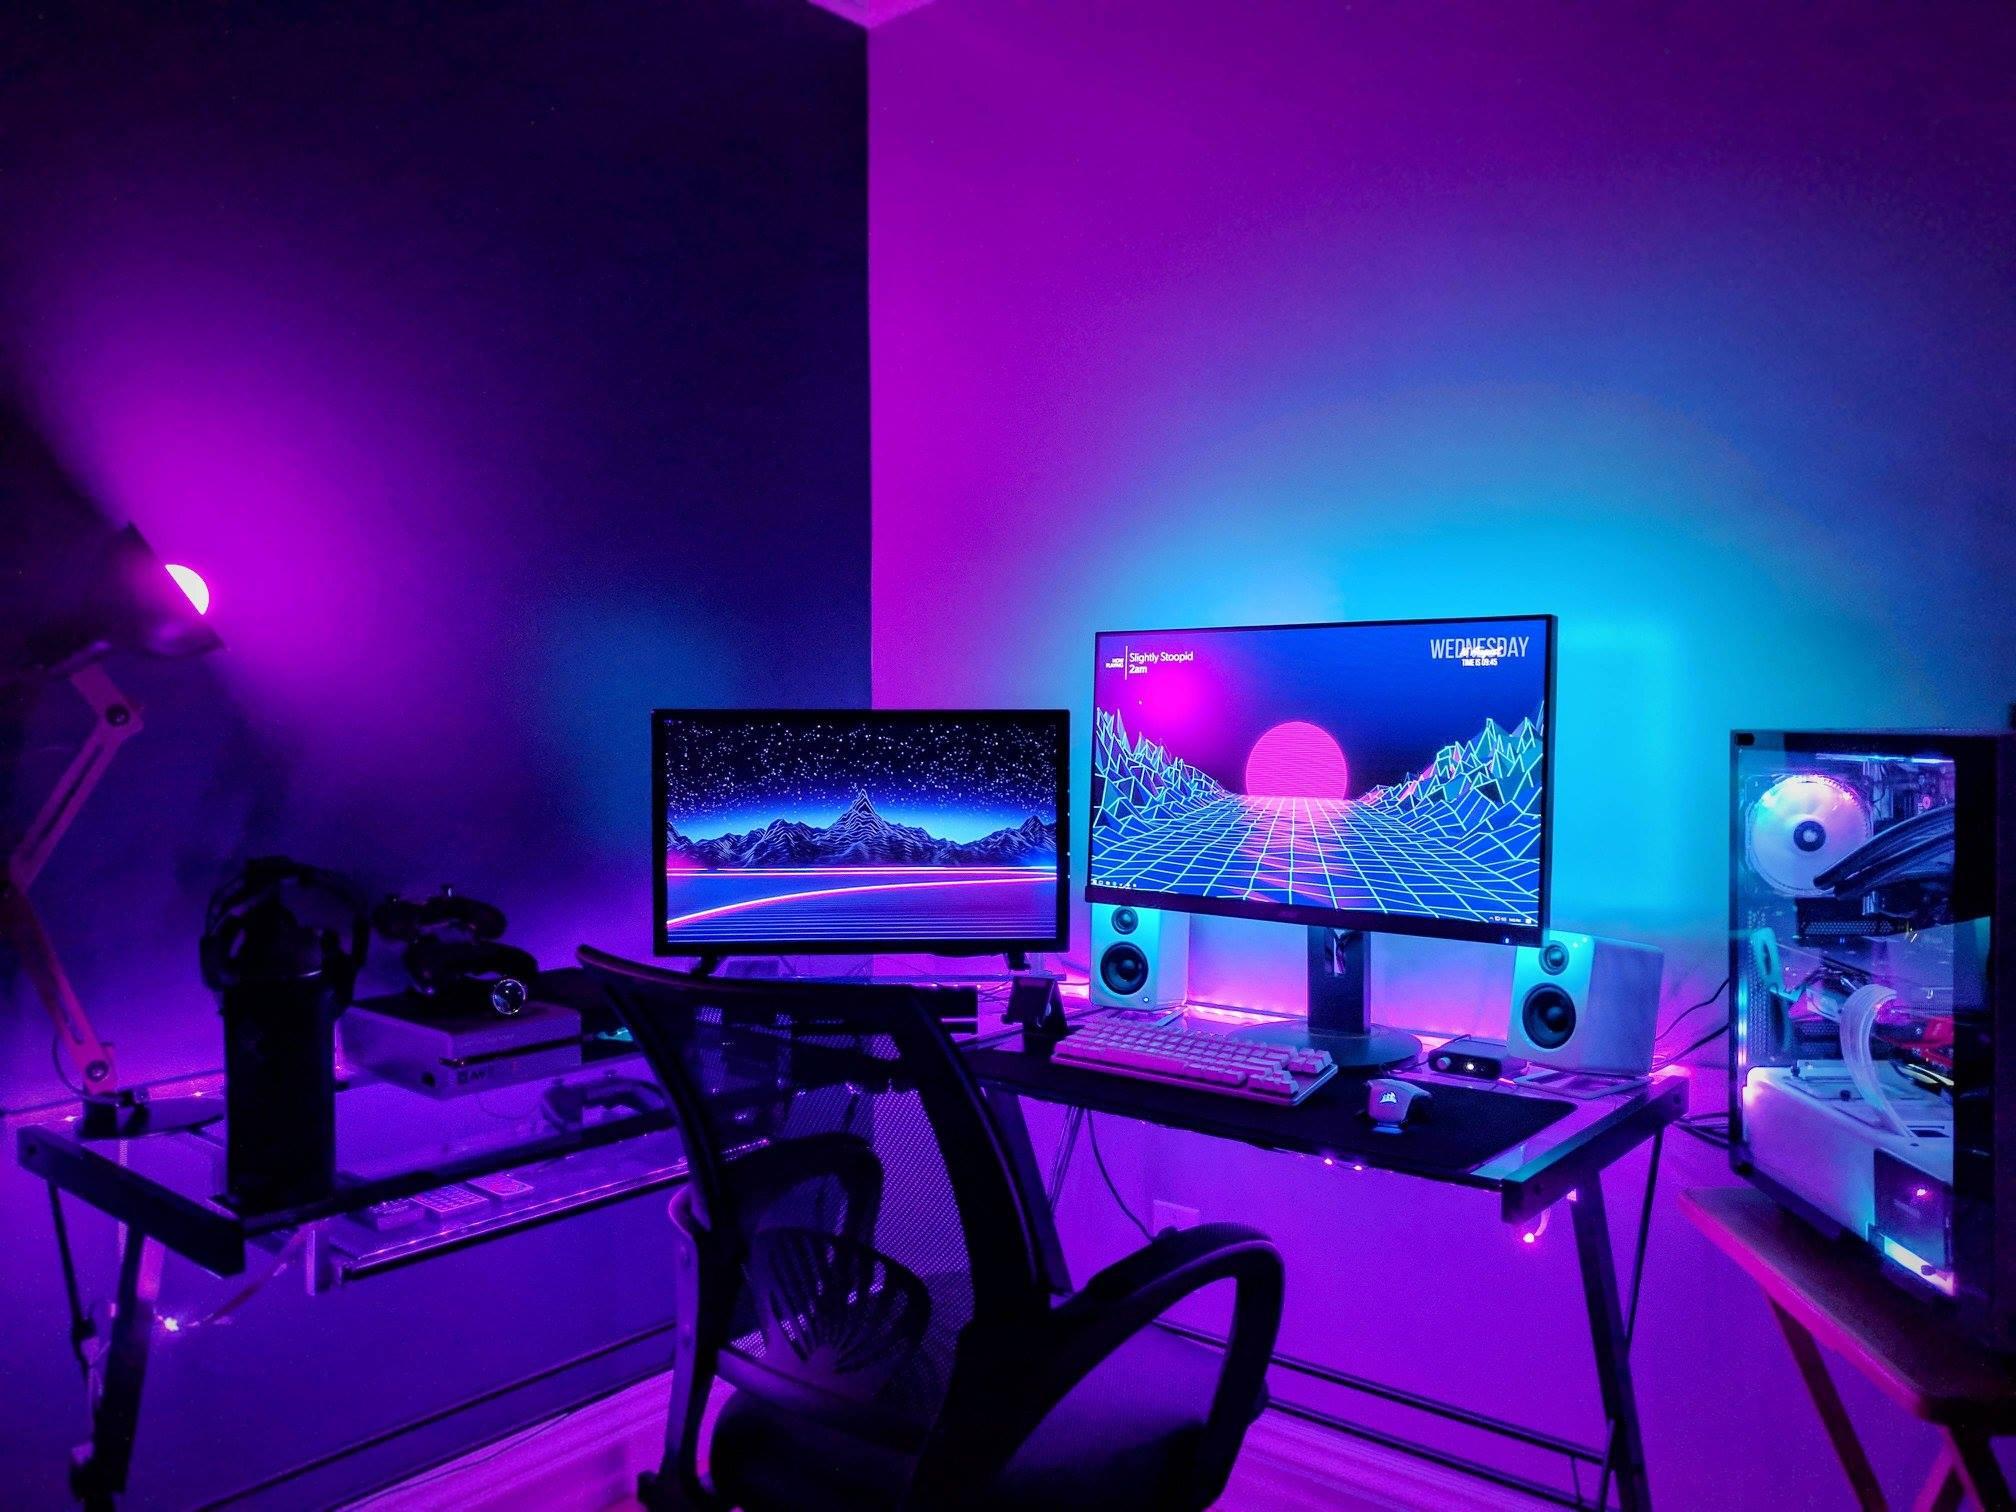 กิเลสแตก นี่แหละห้องคอมพิวเตอร์ในฝันของหลายๆ คน อ่อนแอ